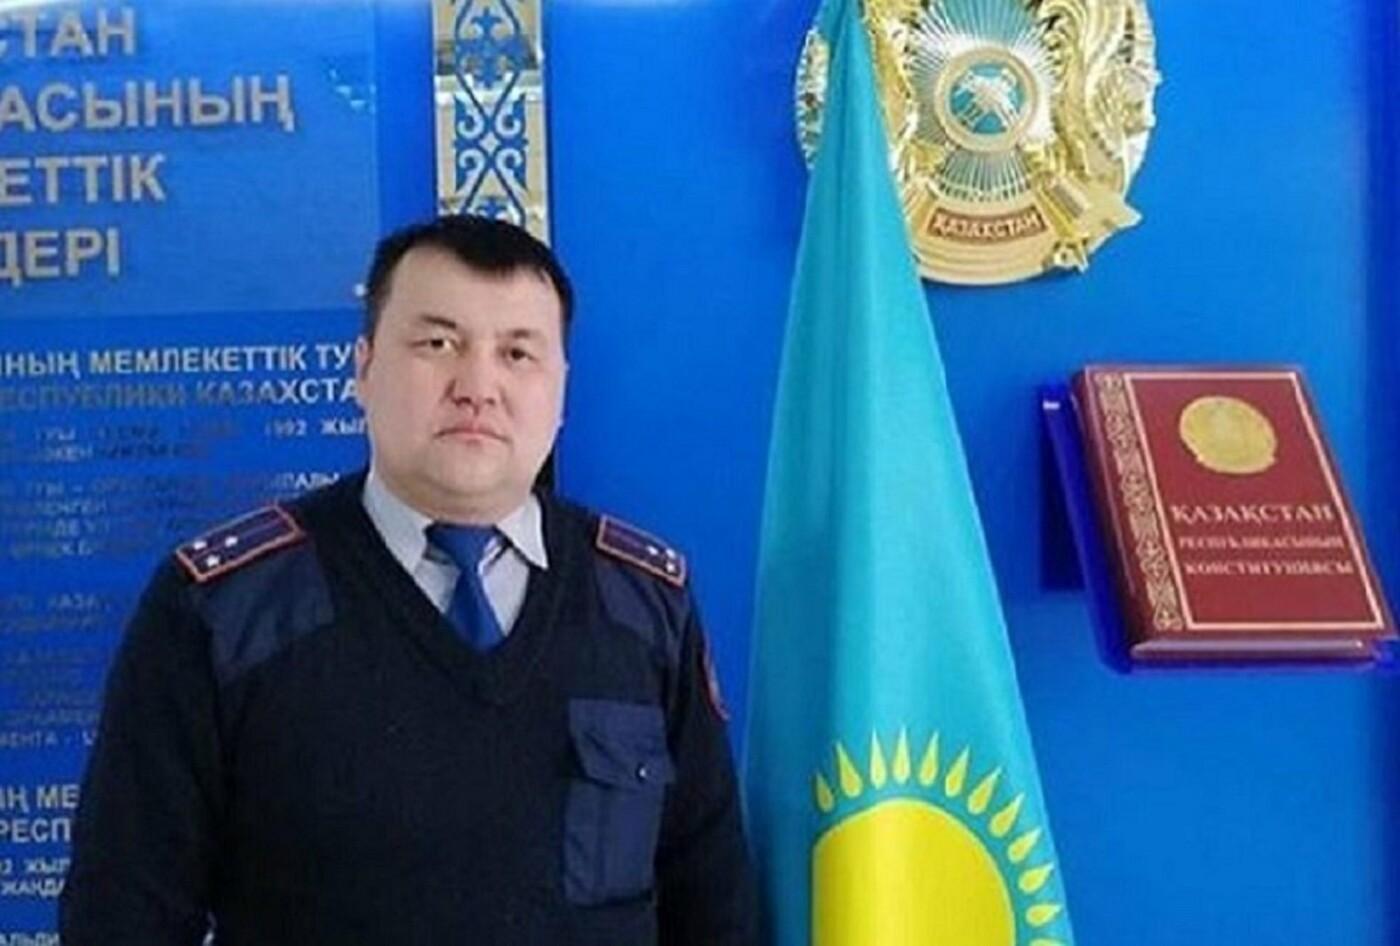 Служебную «Ниву» и 100 тысяч тенге получил «народный участковый» Акмолинской области, фото-1